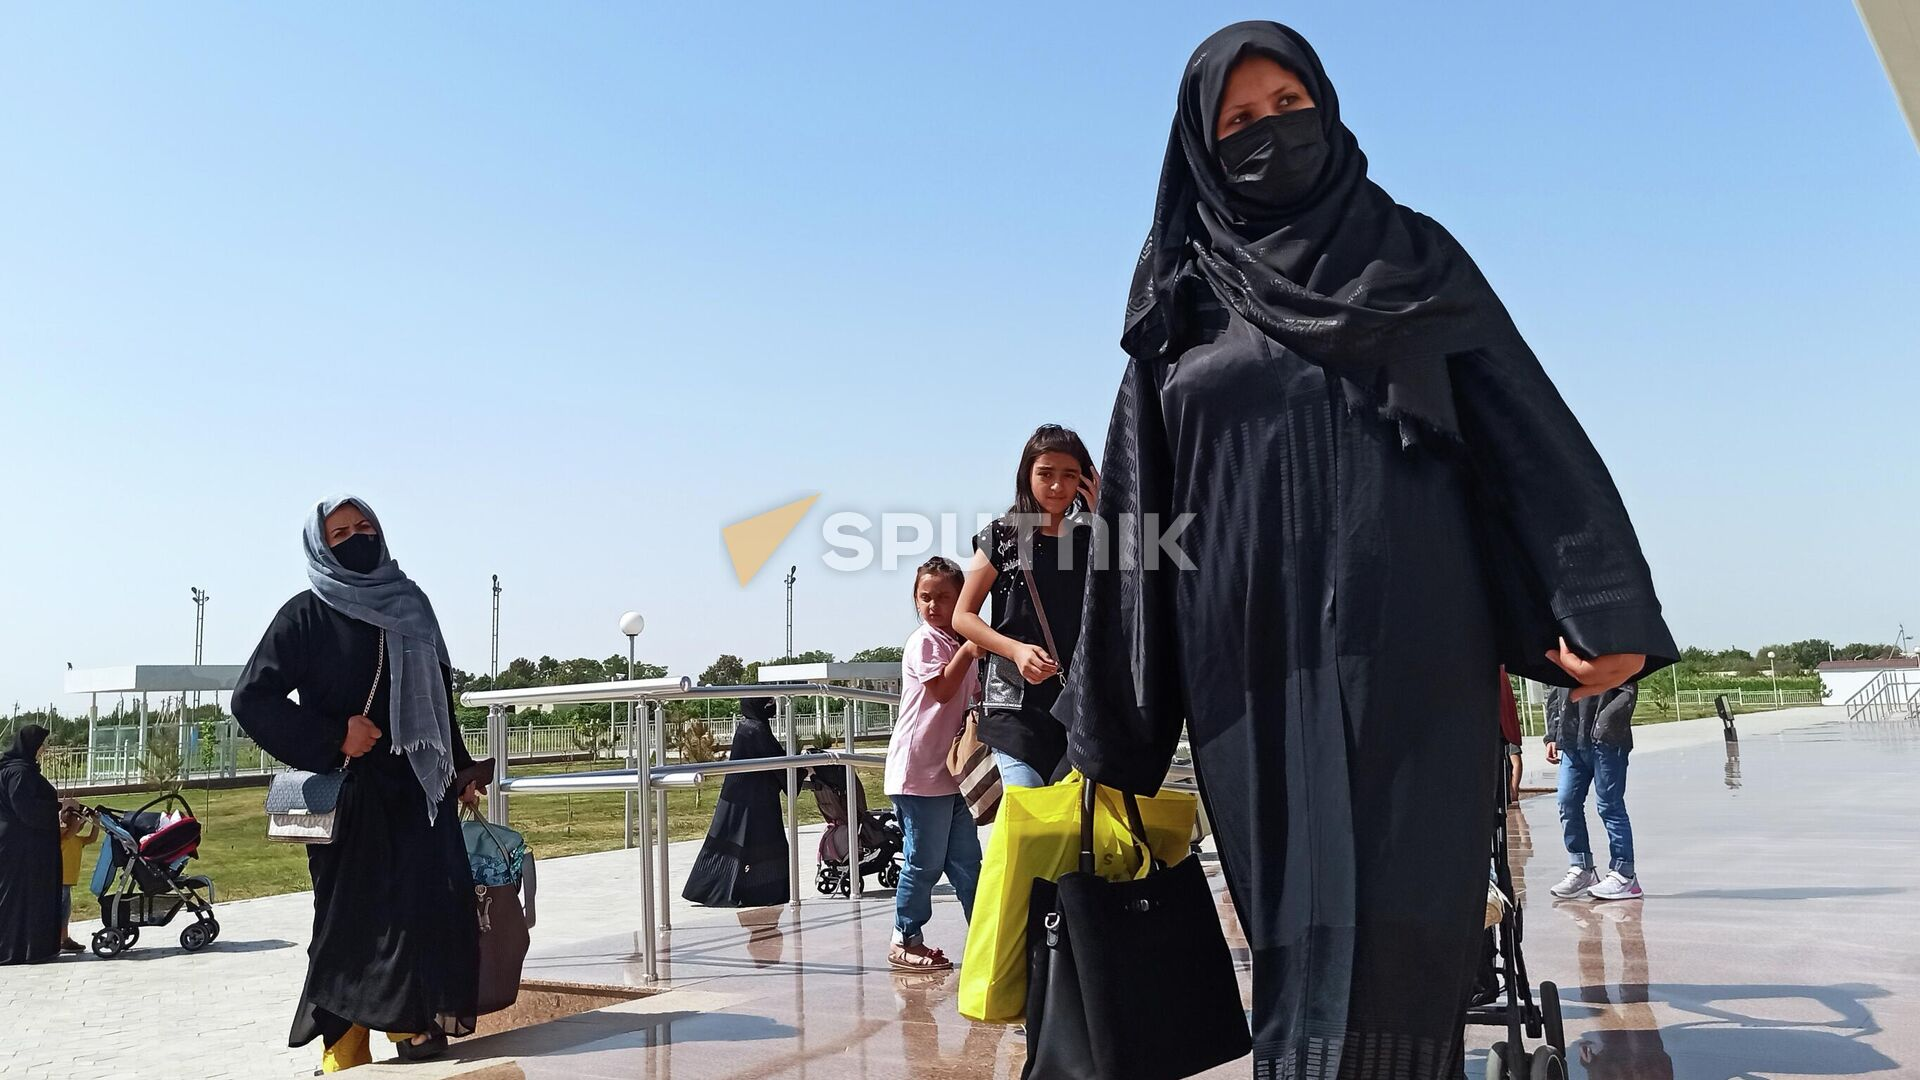 Беженцы из Афганистана в аэропорту Термеза - Sputnik Ўзбекистон, 1920, 03.09.2021